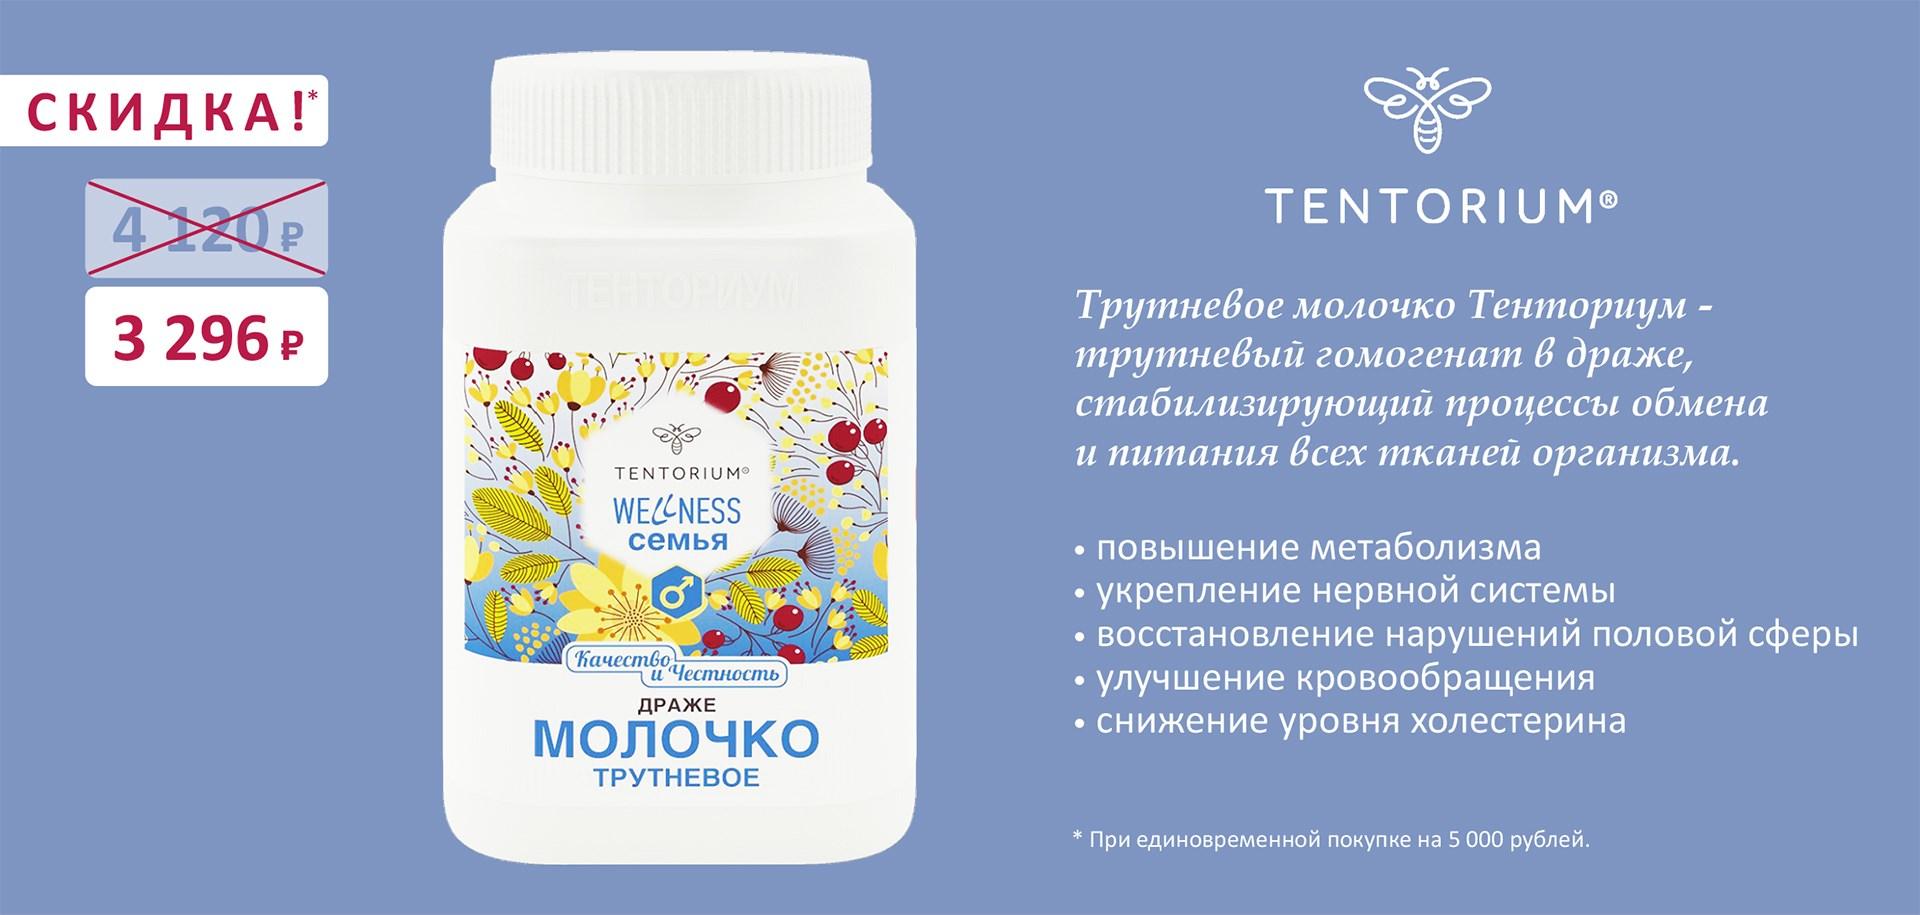 Трутневое молочко ТЕНТОРИУМ купить со скидкой официальный магазин TENTORIUM